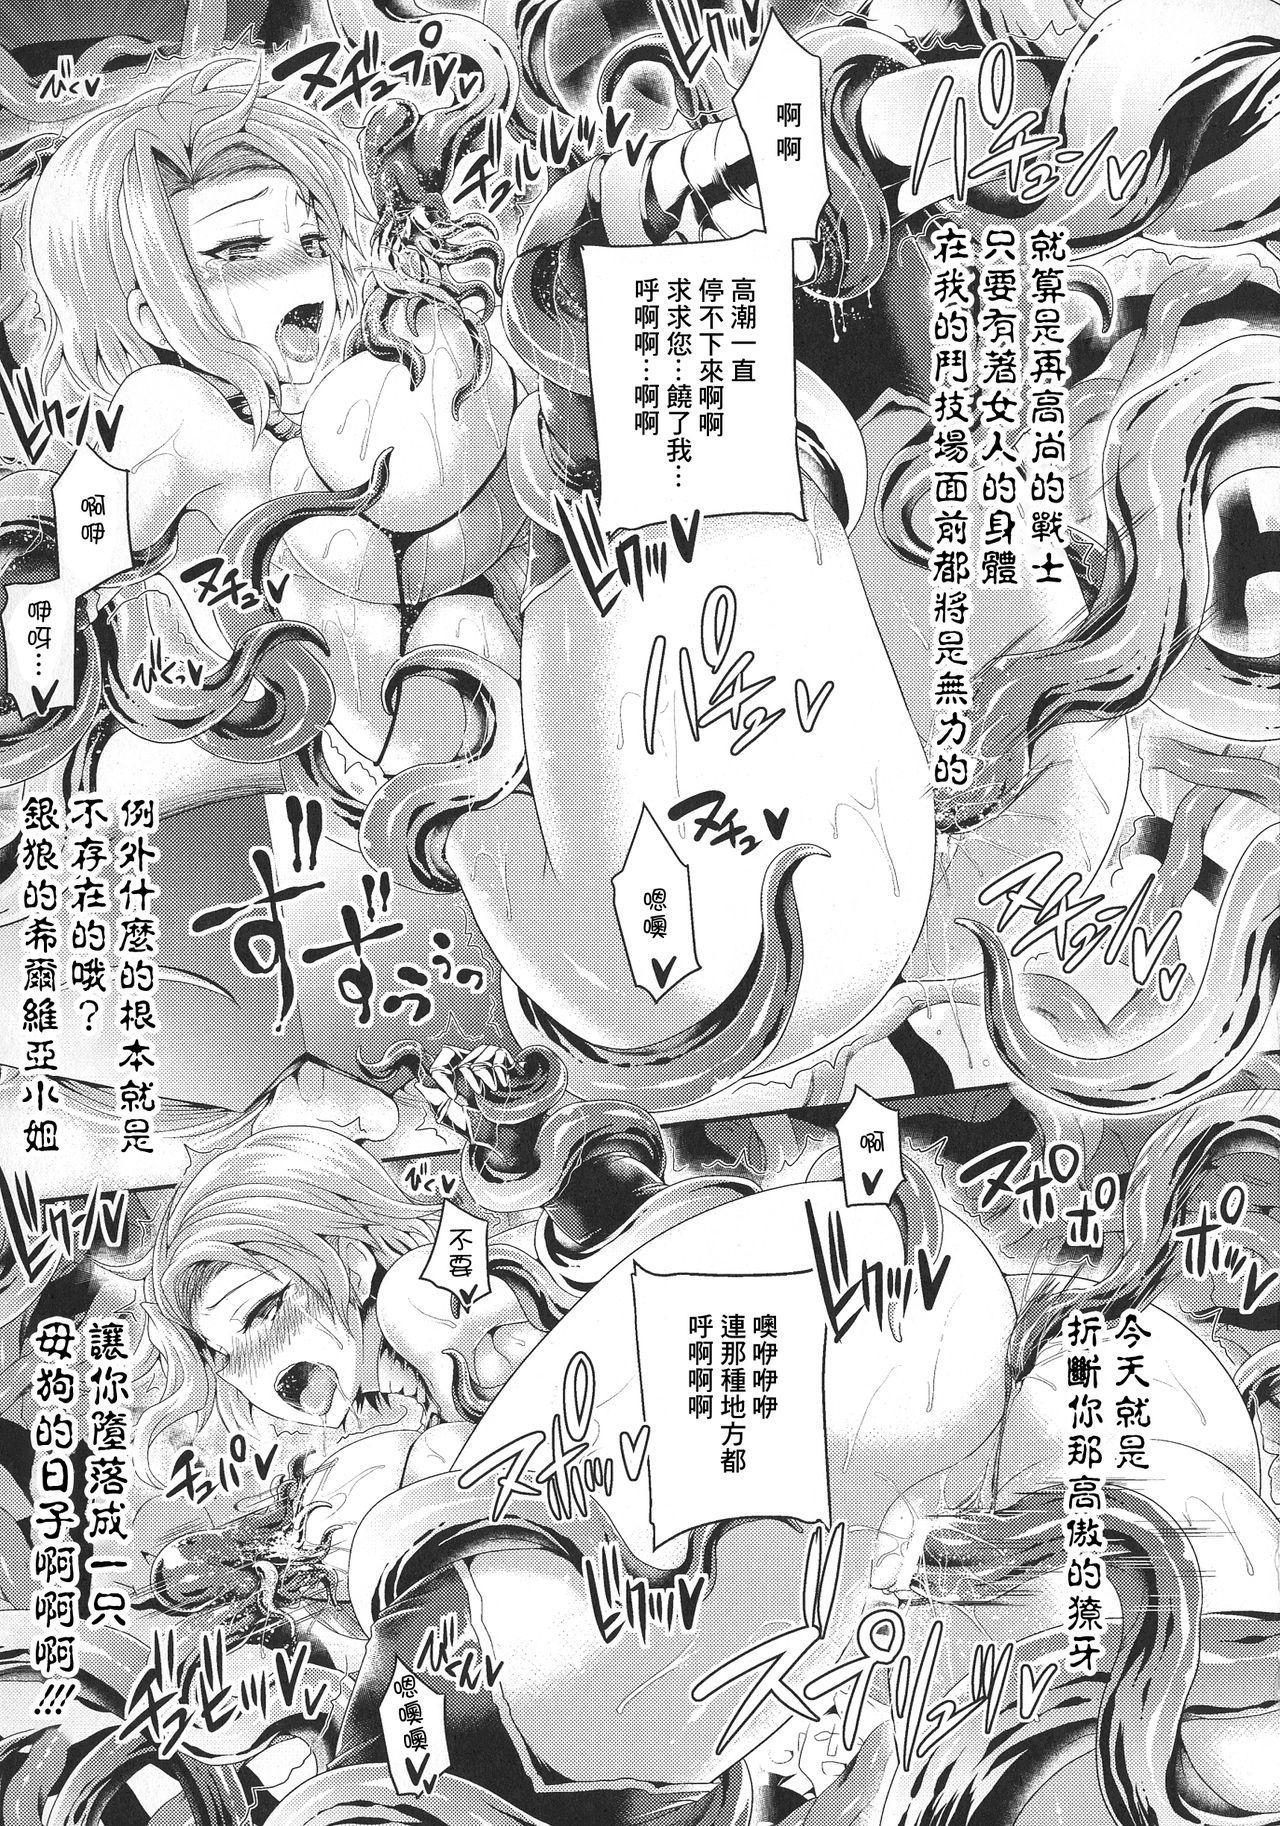 Futanari Gal Brave - Tsuiteru Gal Yuusha Isekai no ji ni Botsu 127